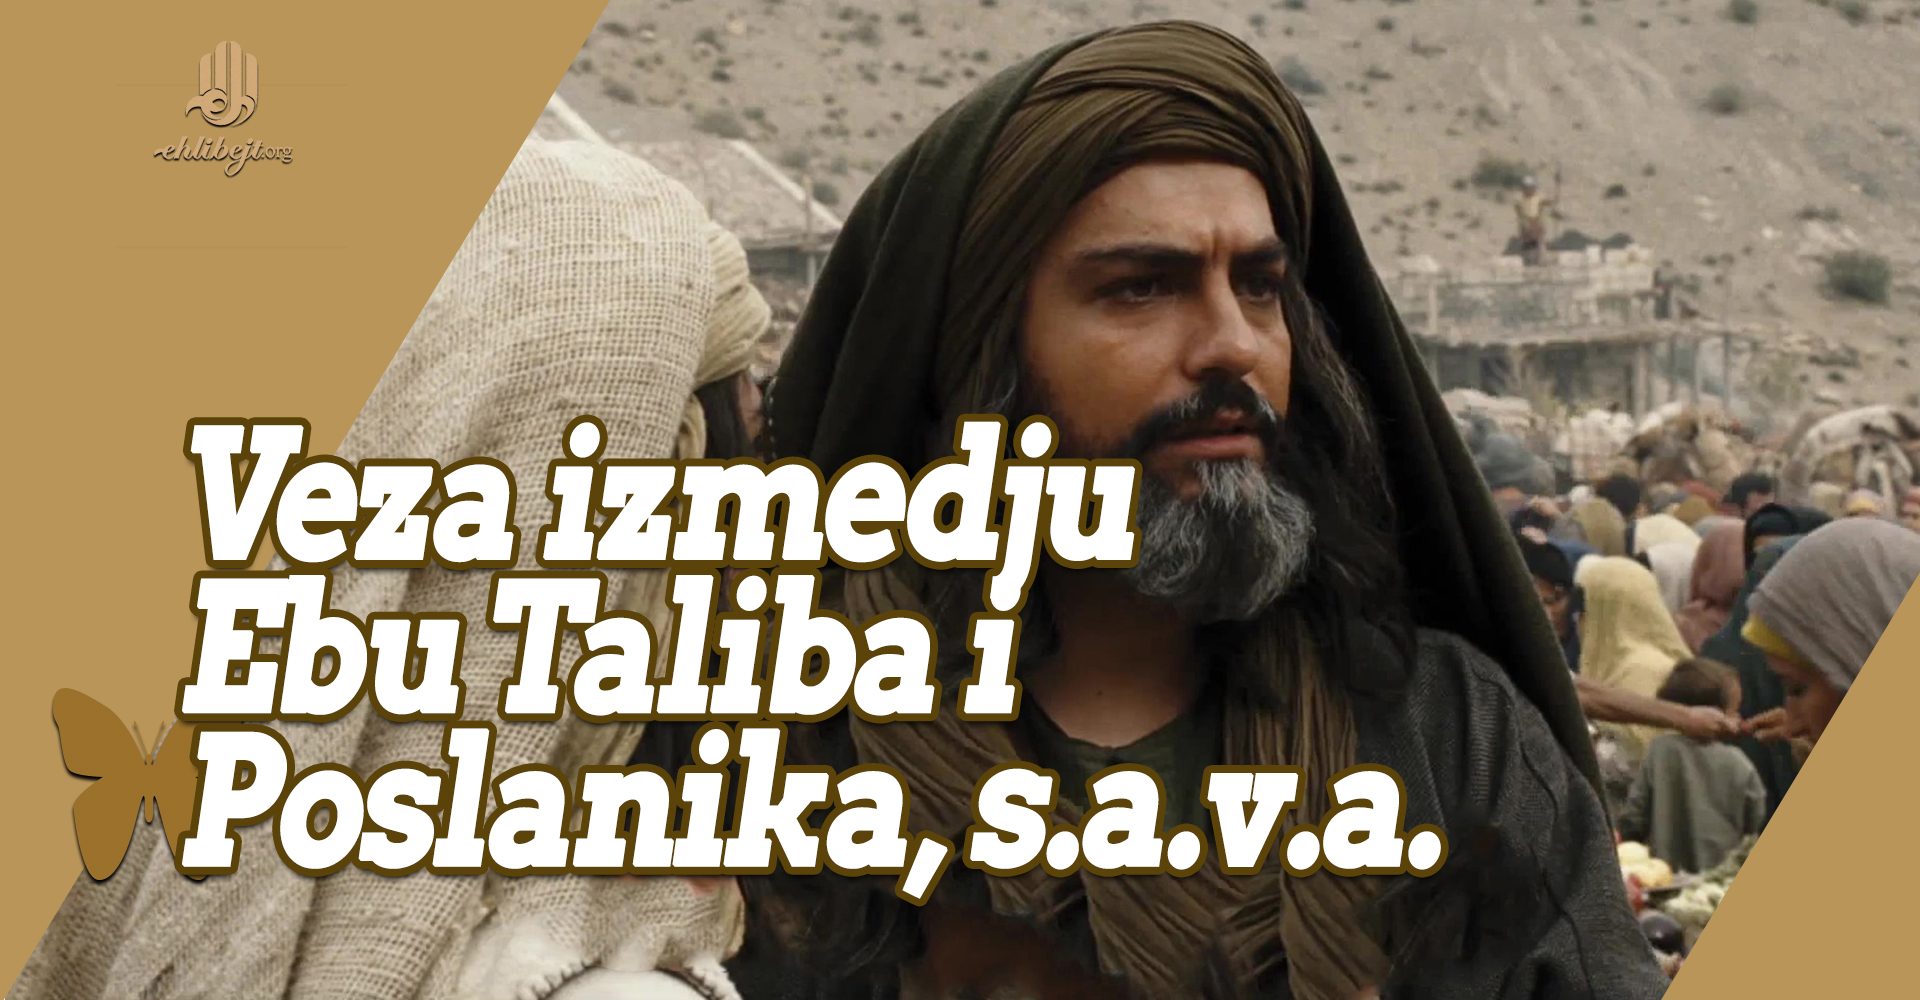 Veza između Ebu Taliba i Poslanika, s.a.v.a.